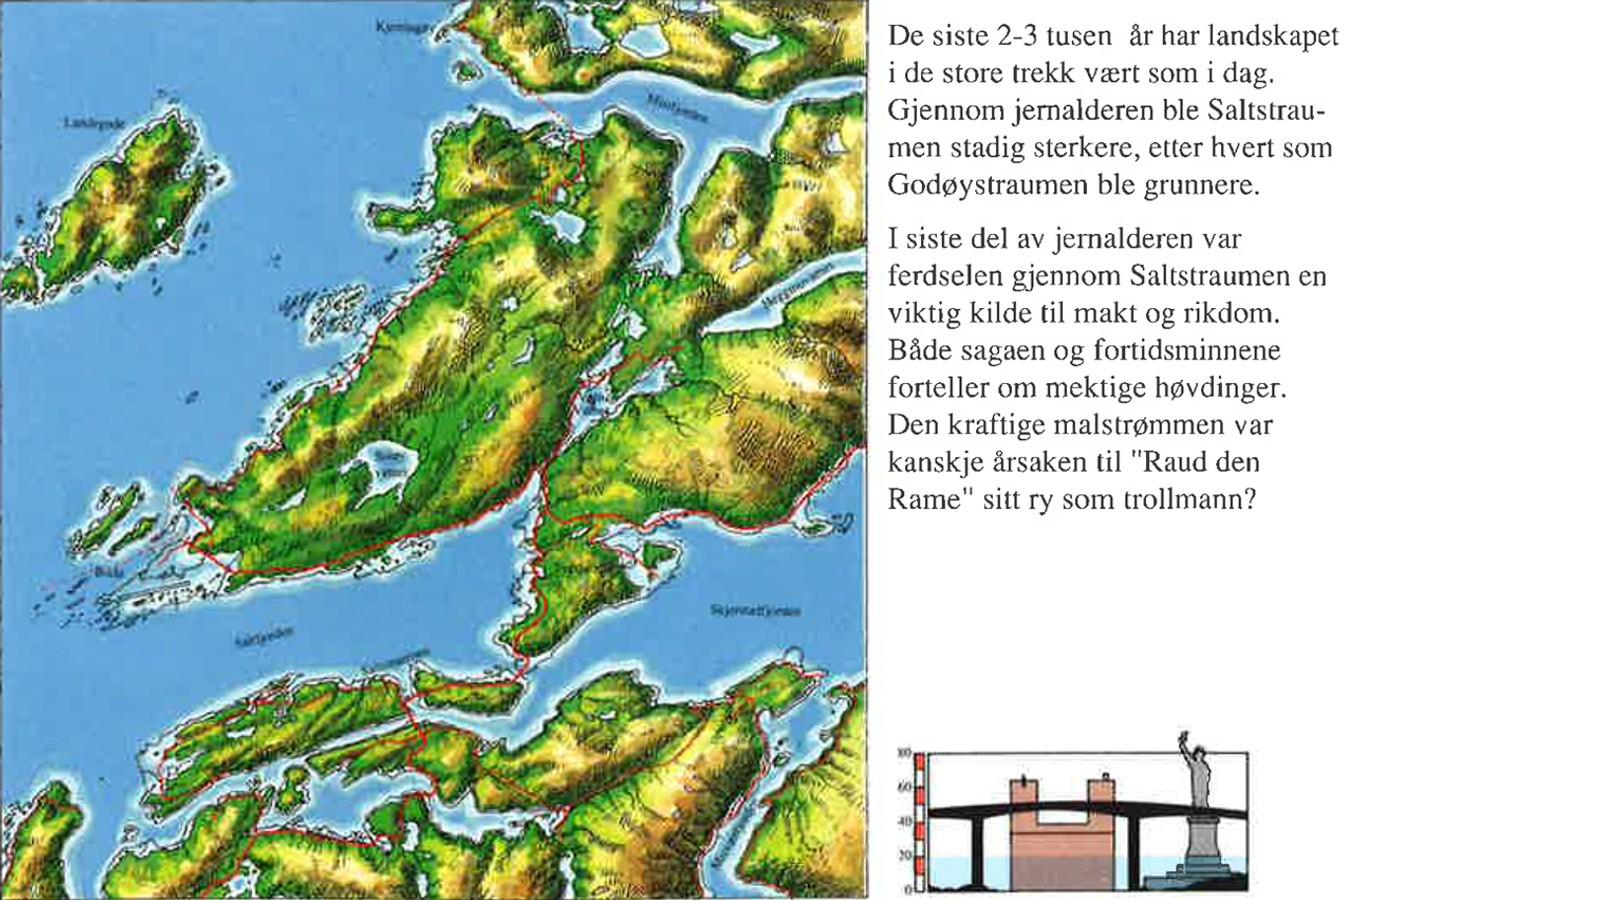 For 2700 år siden var landskapet i store trekk som i dag. Fra heftet «Spor ved Saltstraumen gjennom 10.000 år» av Hein Bjartmann Bjerck.